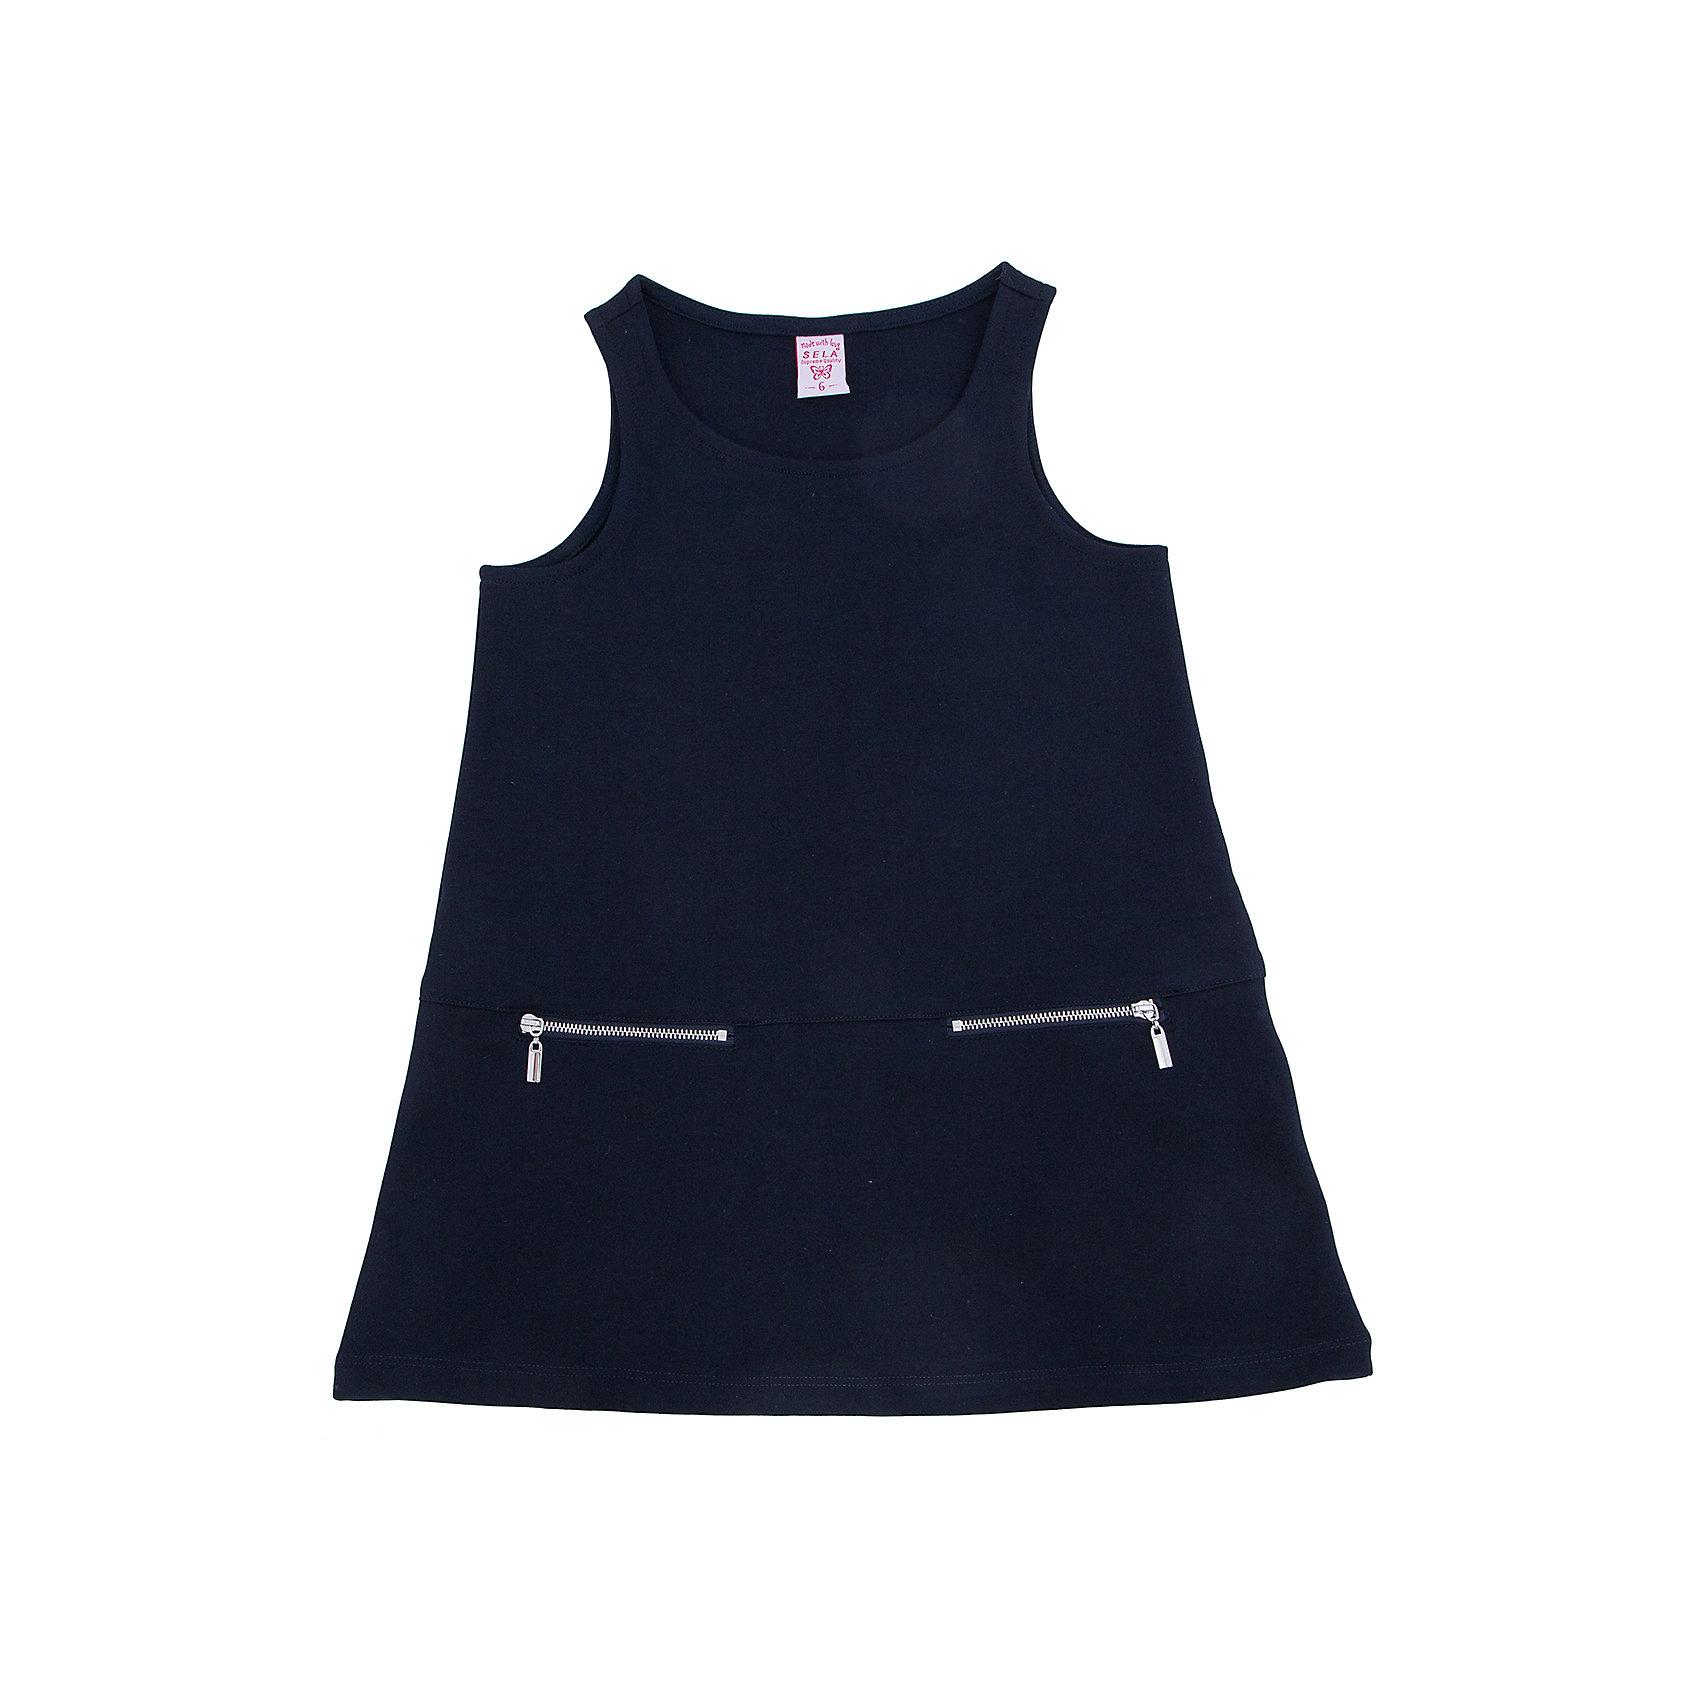 Платье для девочки SELAТакое платье - удобная и универсальная вещь. Эта модель отлично сидит на ребенке, она смотрится стильно и нарядно. Приятная на ощупь ткань и качественная фурнитура обеспечивает ребенку комфорт. Модель станет отличной базовой вещью, которая будет уместна в различных сочетаниях.<br>Одежда от бренда Sela (Села) - это качество по приемлемым ценам. Многие российские родители уже оценили преимущества продукции этой компании и всё чаще приобретают одежду и аксессуары Sela.<br><br>Дополнительная информация:<br><br>выше колен;<br>материал: 50% вискоза, 45% ПЭ, 5% эластан;<br>без рукавов.<br><br>Платье для девочки от бренда Sela можно купить в нашем интернет-магазине.<br><br>Ширина мм: 236<br>Глубина мм: 16<br>Высота мм: 184<br>Вес г: 177<br>Цвет: синий<br>Возраст от месяцев: 132<br>Возраст до месяцев: 144<br>Пол: Женский<br>Возраст: Детский<br>Размер: 152,116,122,128,134,140,146<br>SKU: 4883504